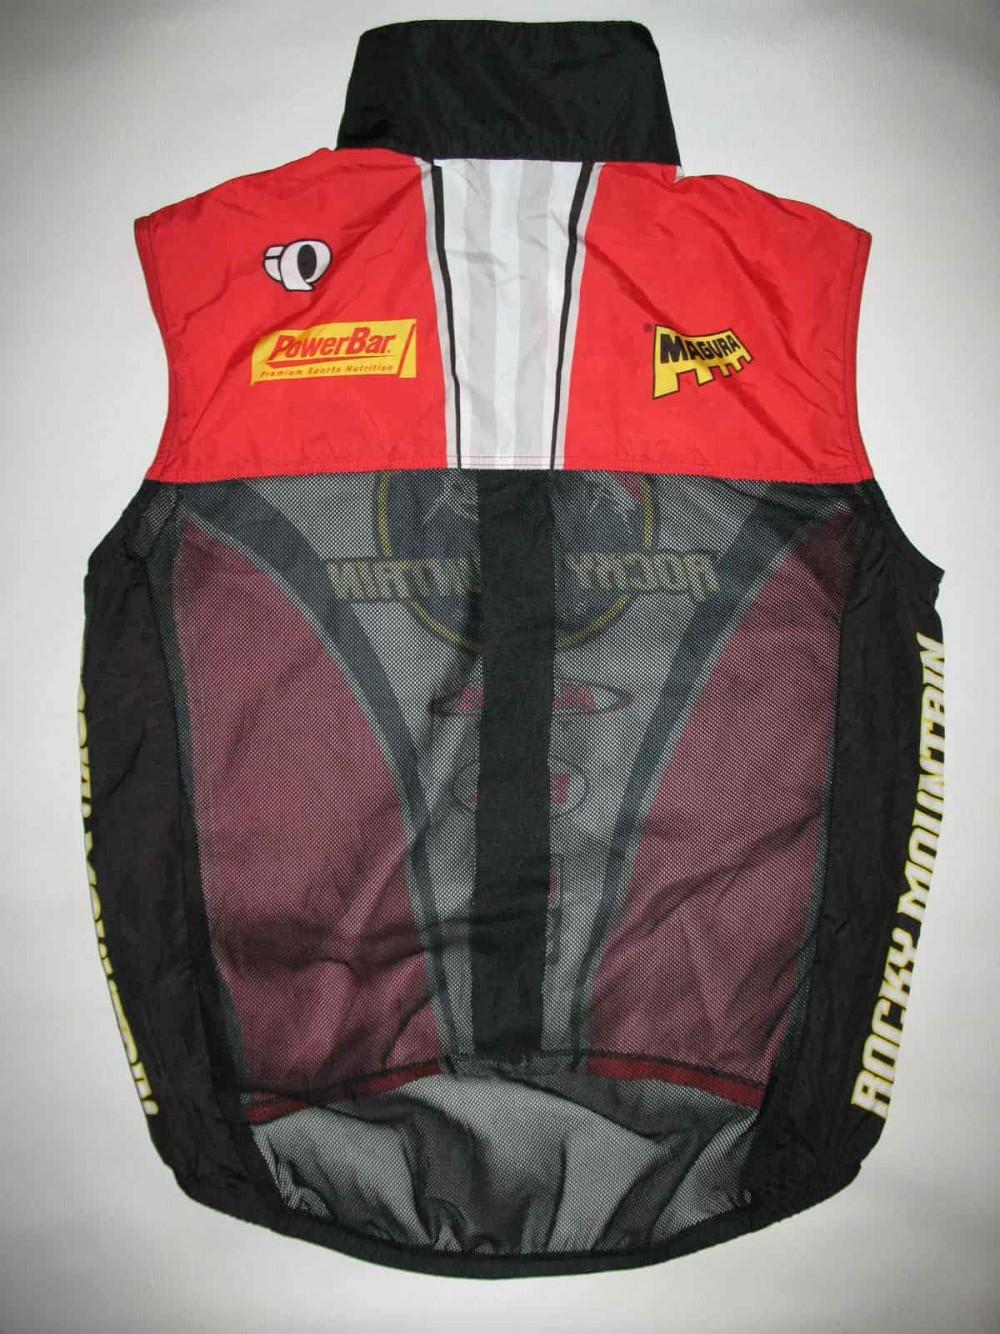 Веложилет PEARL IZUMI rocky mountain vest (размер XL) - 1